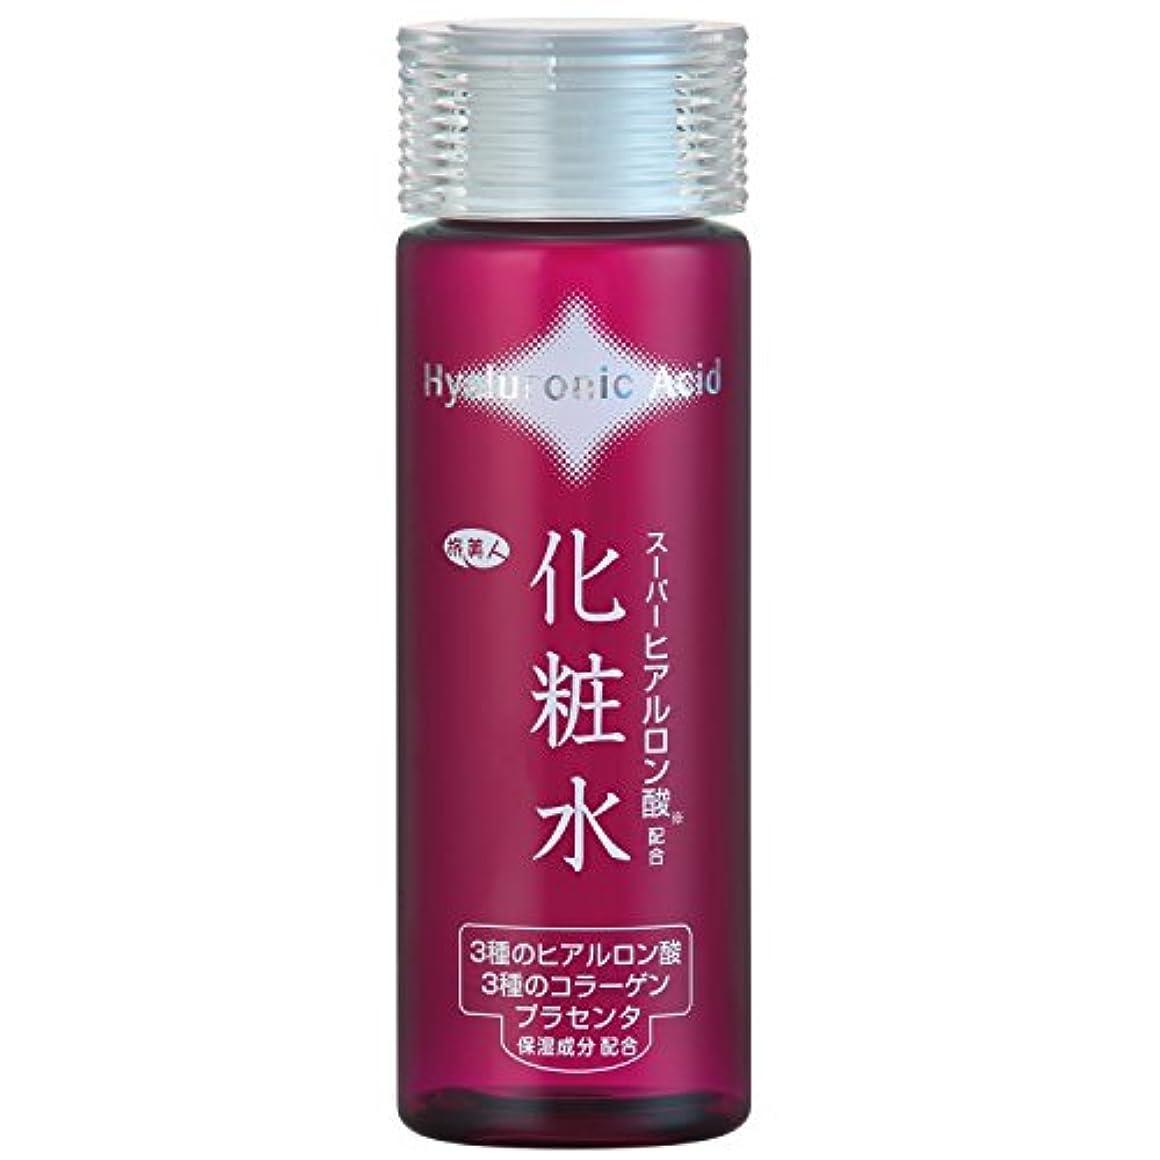 報復するマザーランドマザーランドアズマ商事のスーパーヒアルロン酸配合化粧水